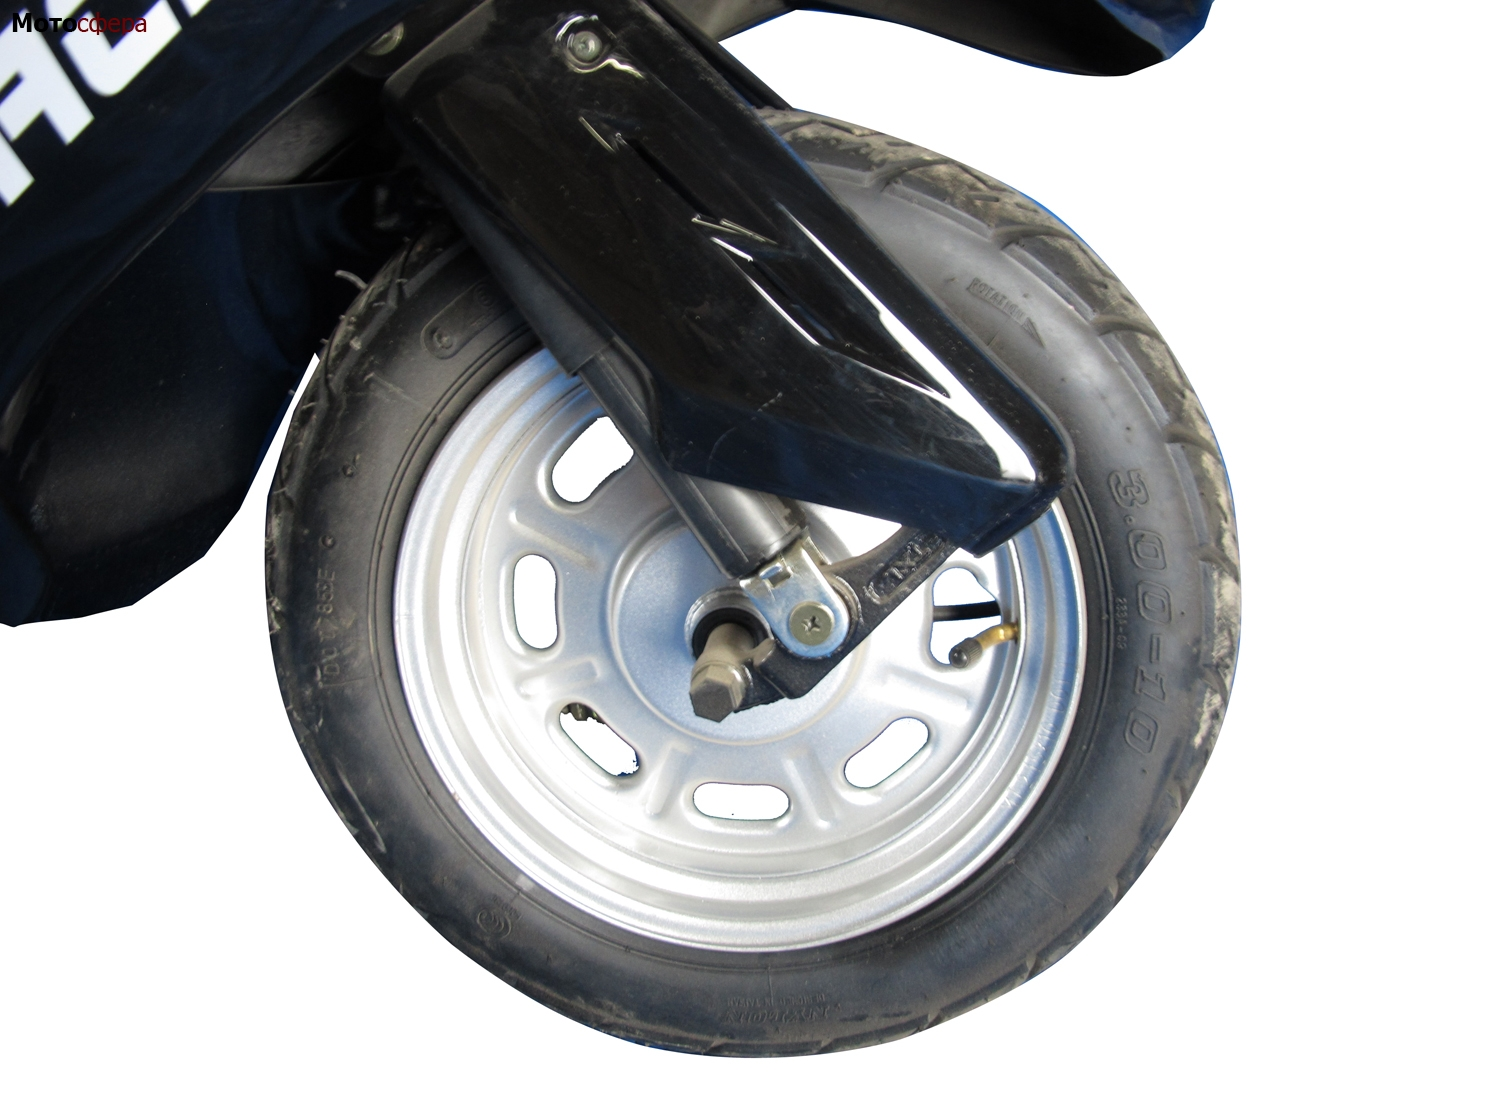 Колеса скутера — разновидность, преимущества и недостатки